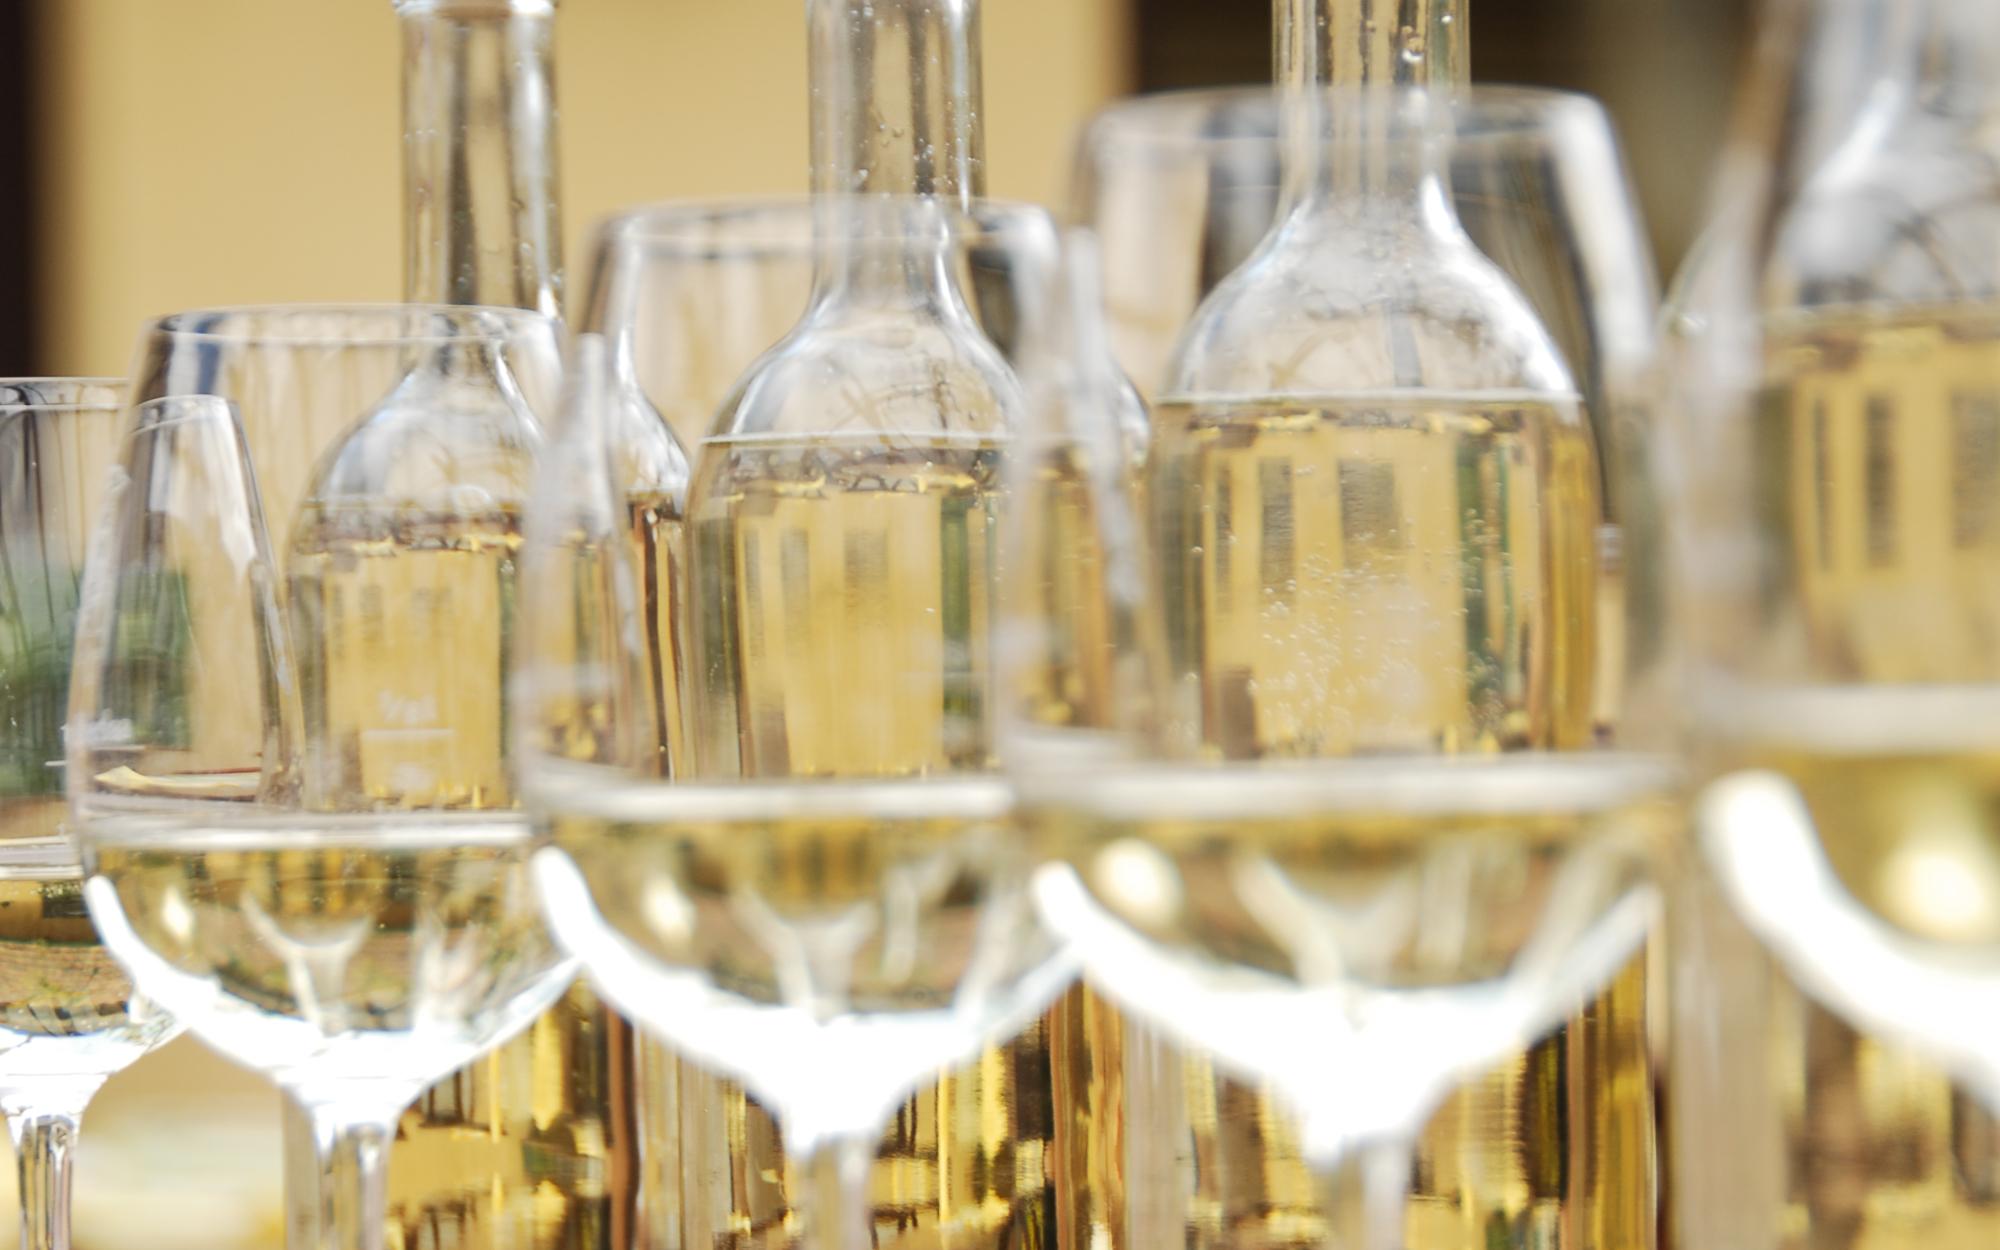 Mehrere Weingläser